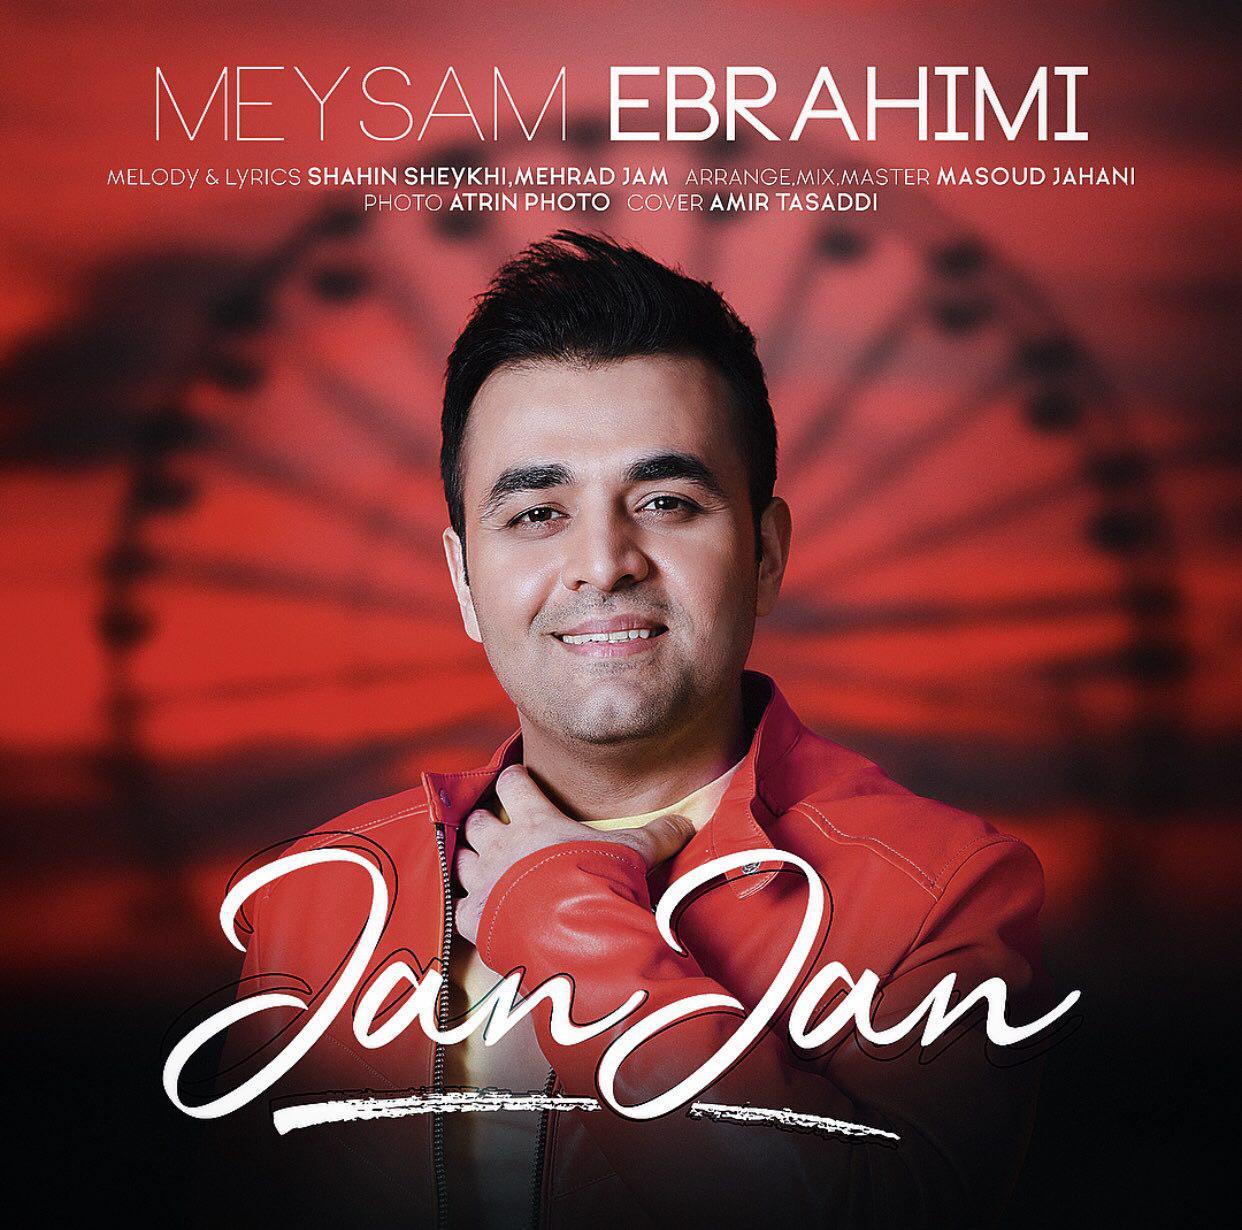 آهنگ جدید میثم ابراهیمی با نام جان جان را دانلود کنید